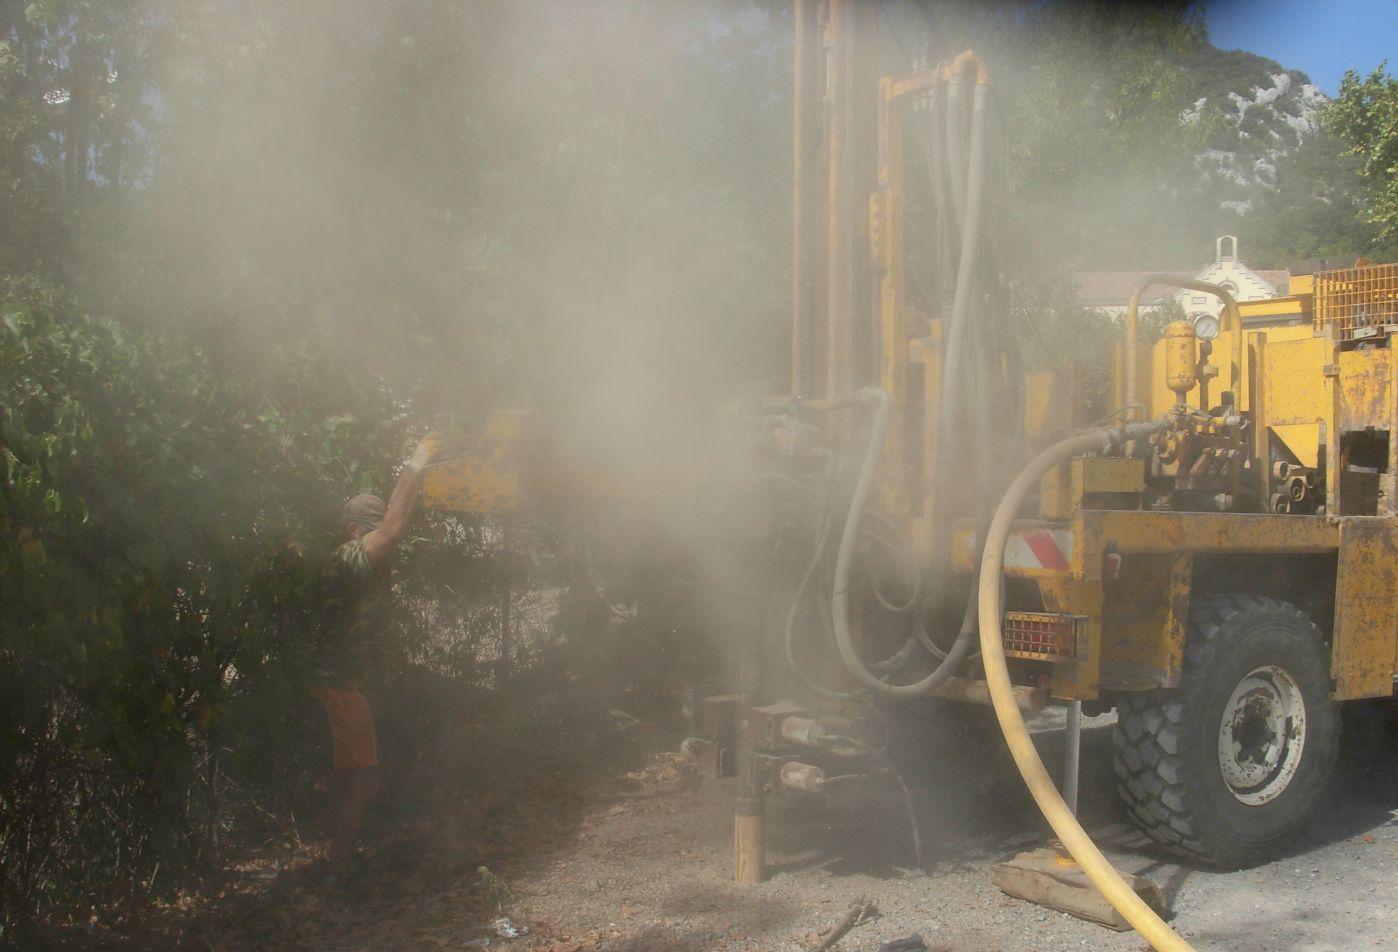 Implantation d'un piézomètre et Interprétation de l'Etat des MIlieux - Ancienne usine à gaz (Gard -30)